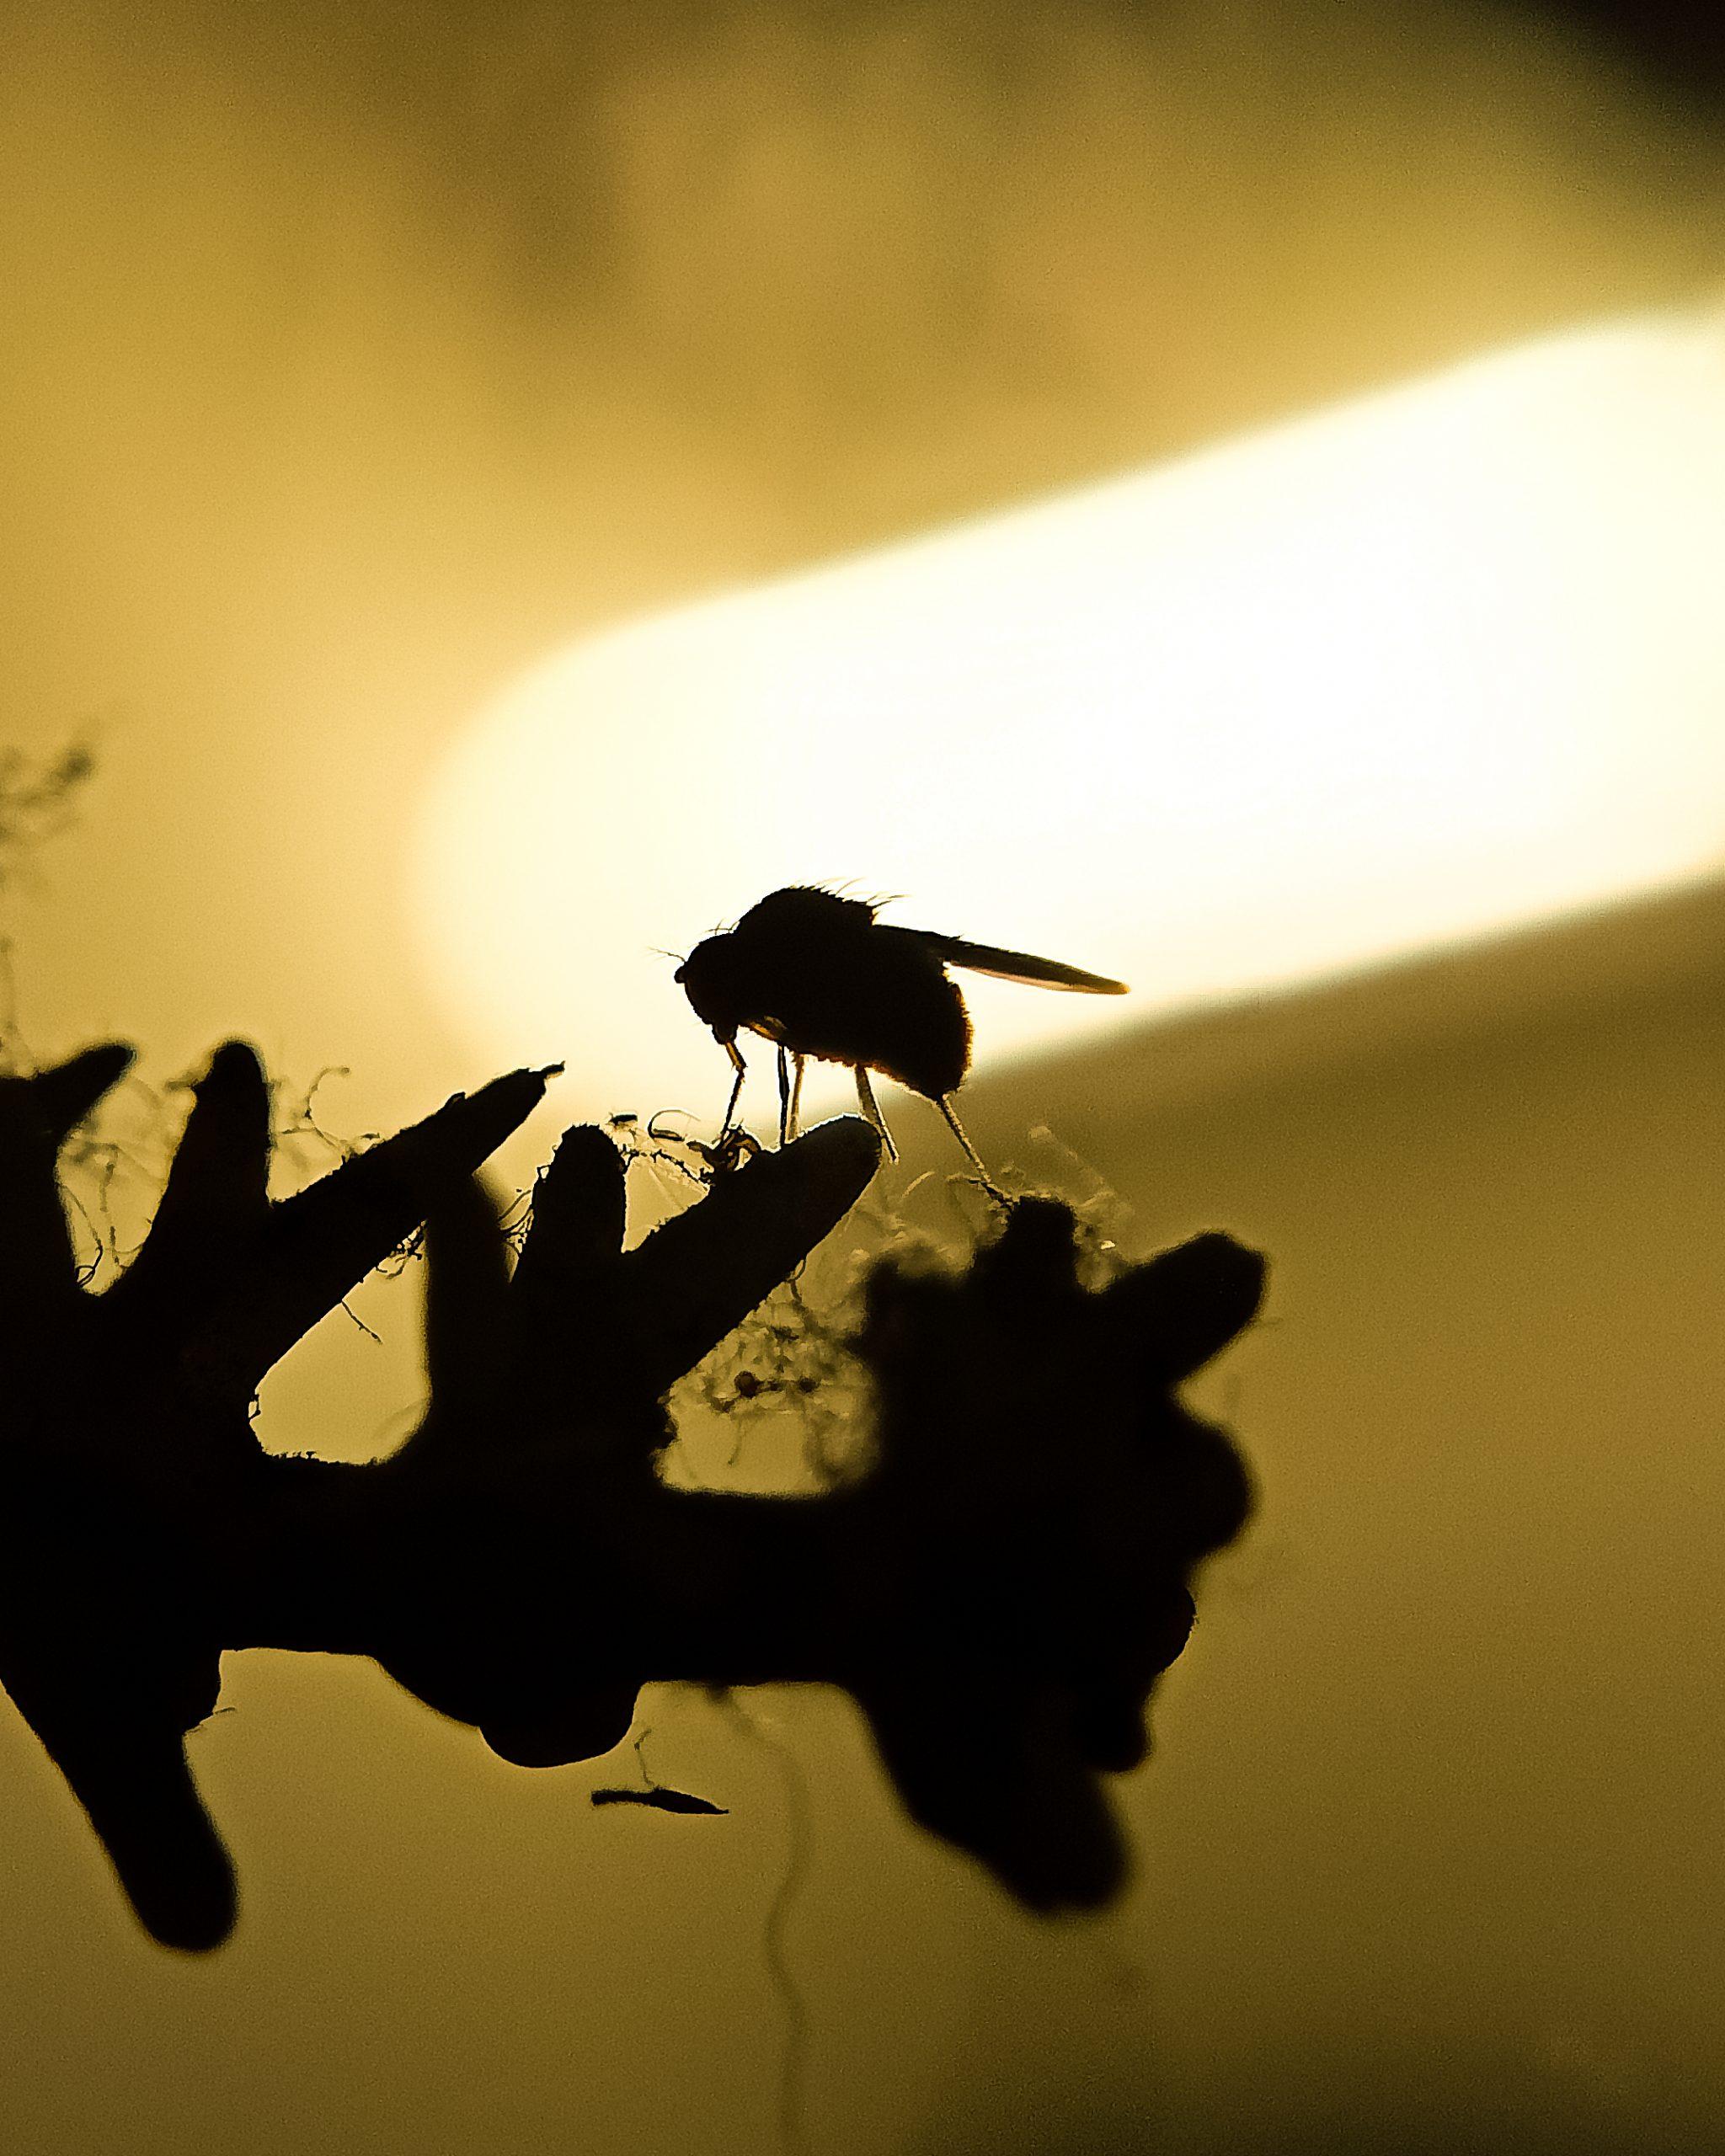 Housefly in light